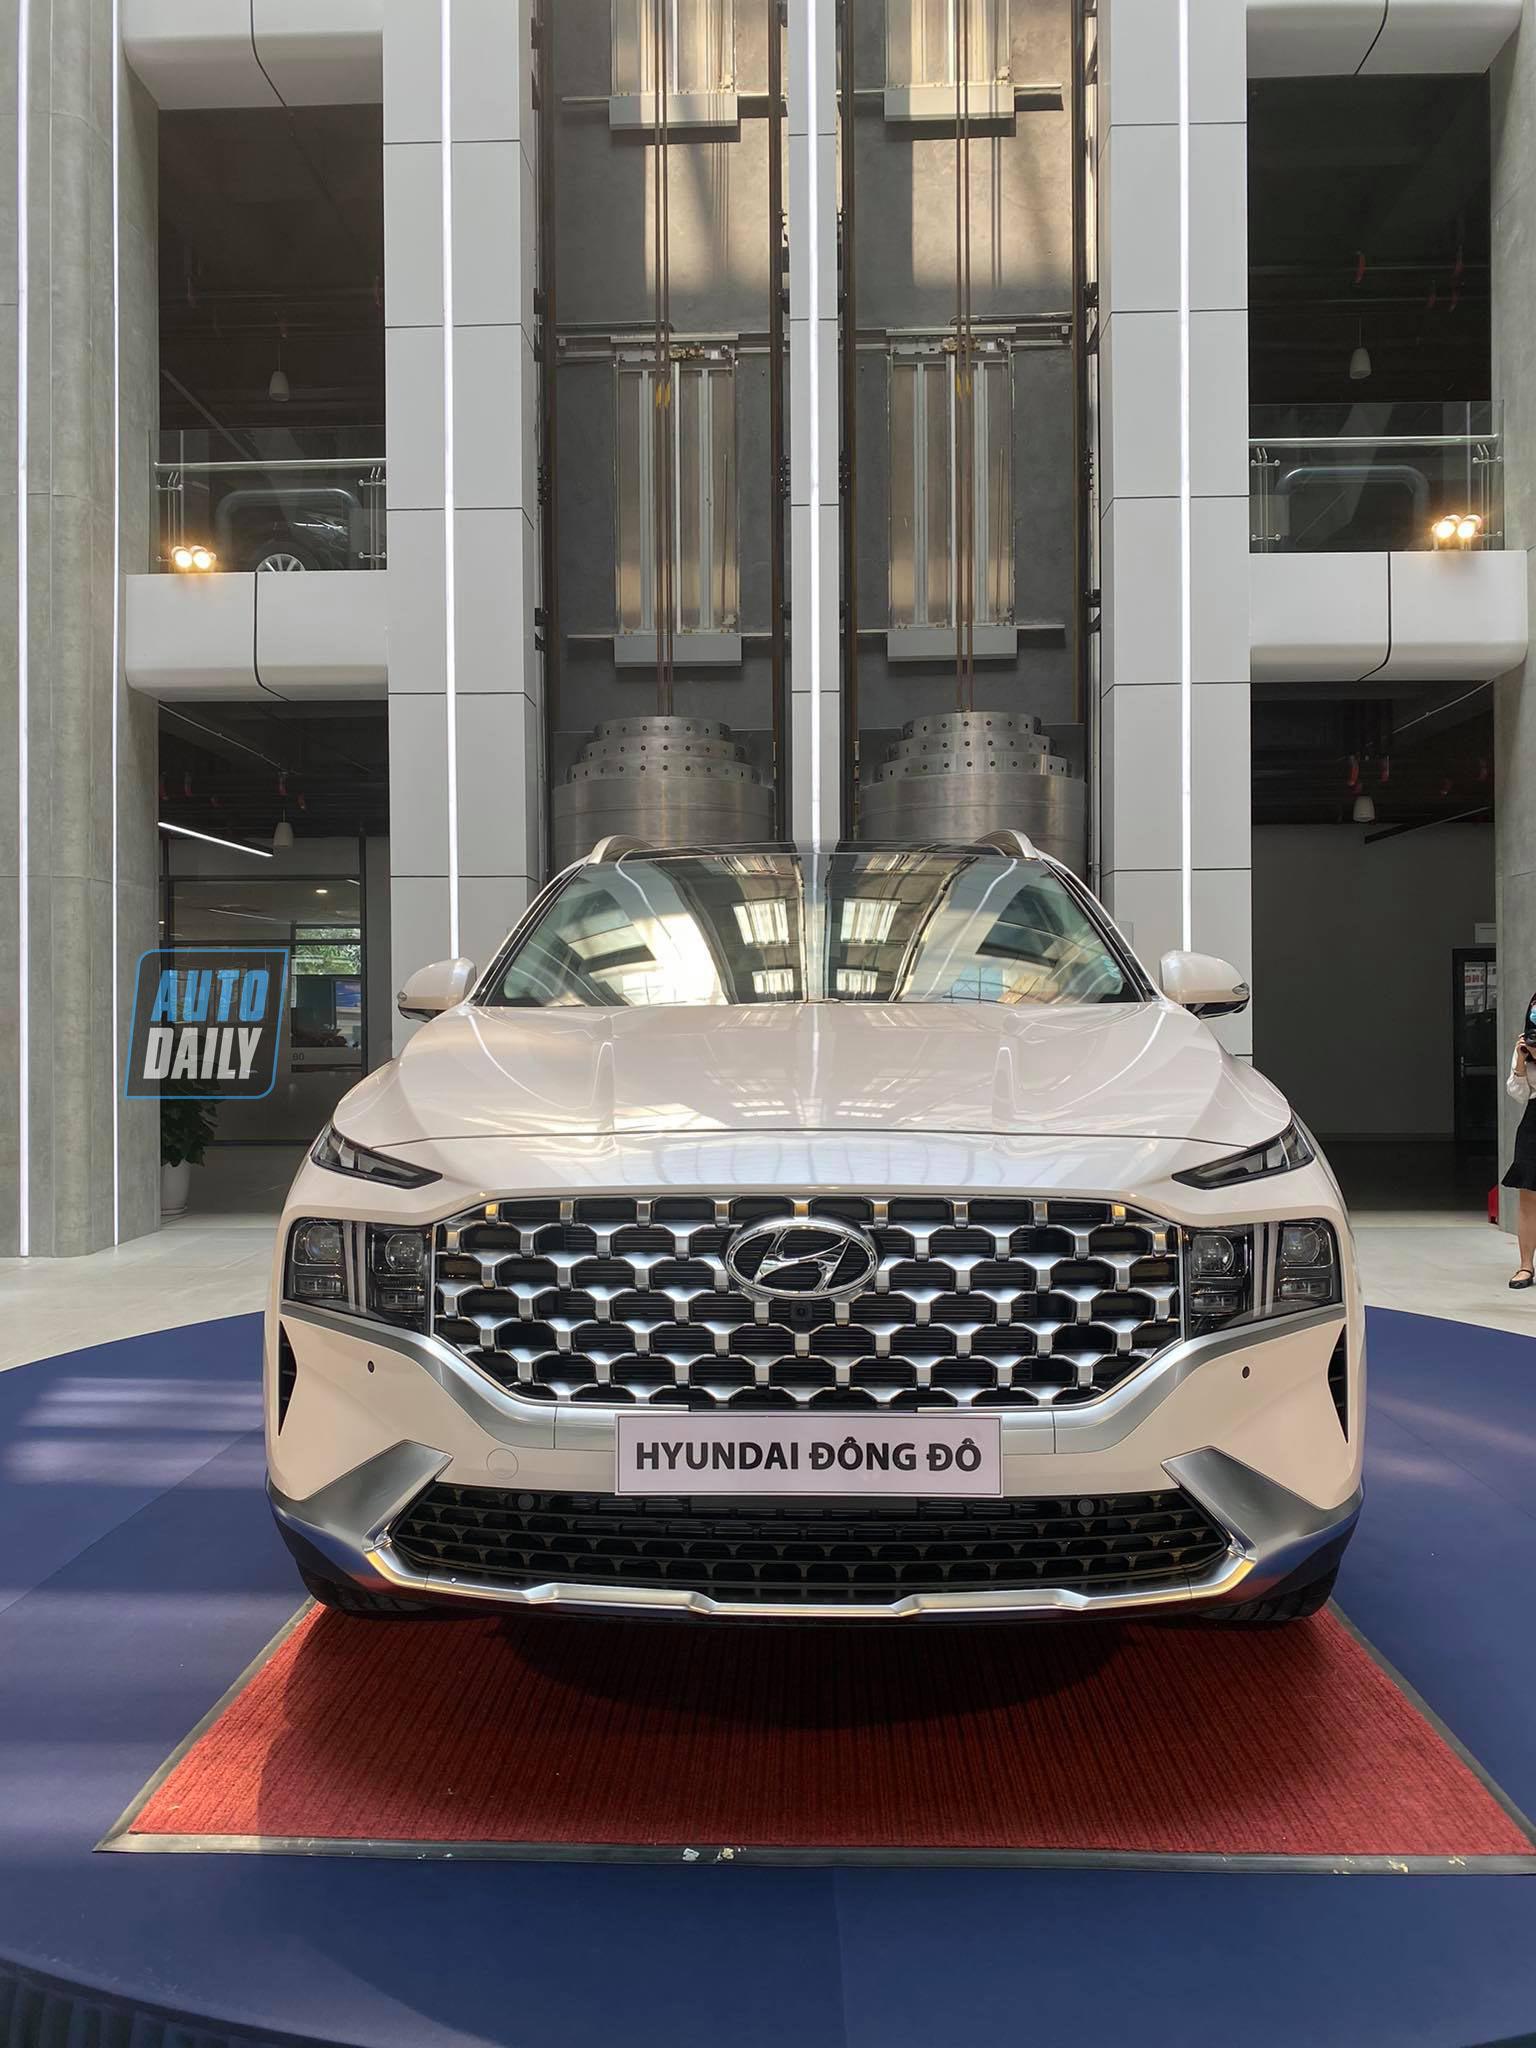 Hyundai SantaFe 2021 đã có mặt tại đại lý, sẵn sàng đến tay người dùng santafe-2021-02.jpg